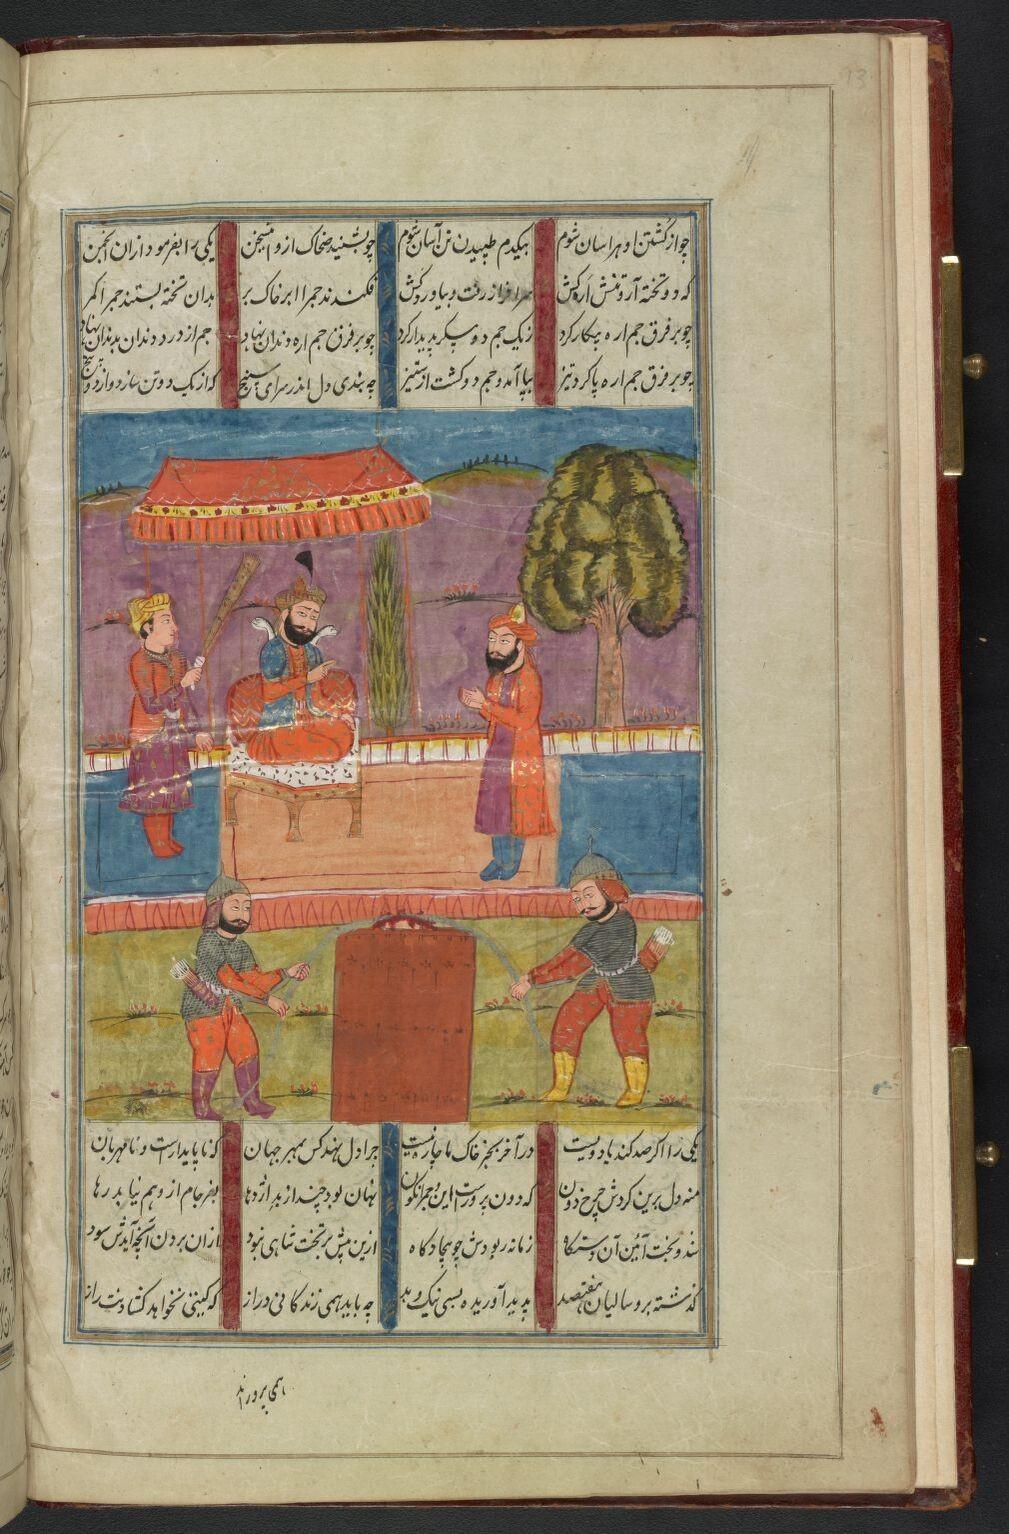 Página do livro Sha?hna?mah (Foto: Biblioteca do Congresso dos Estados Unidos)